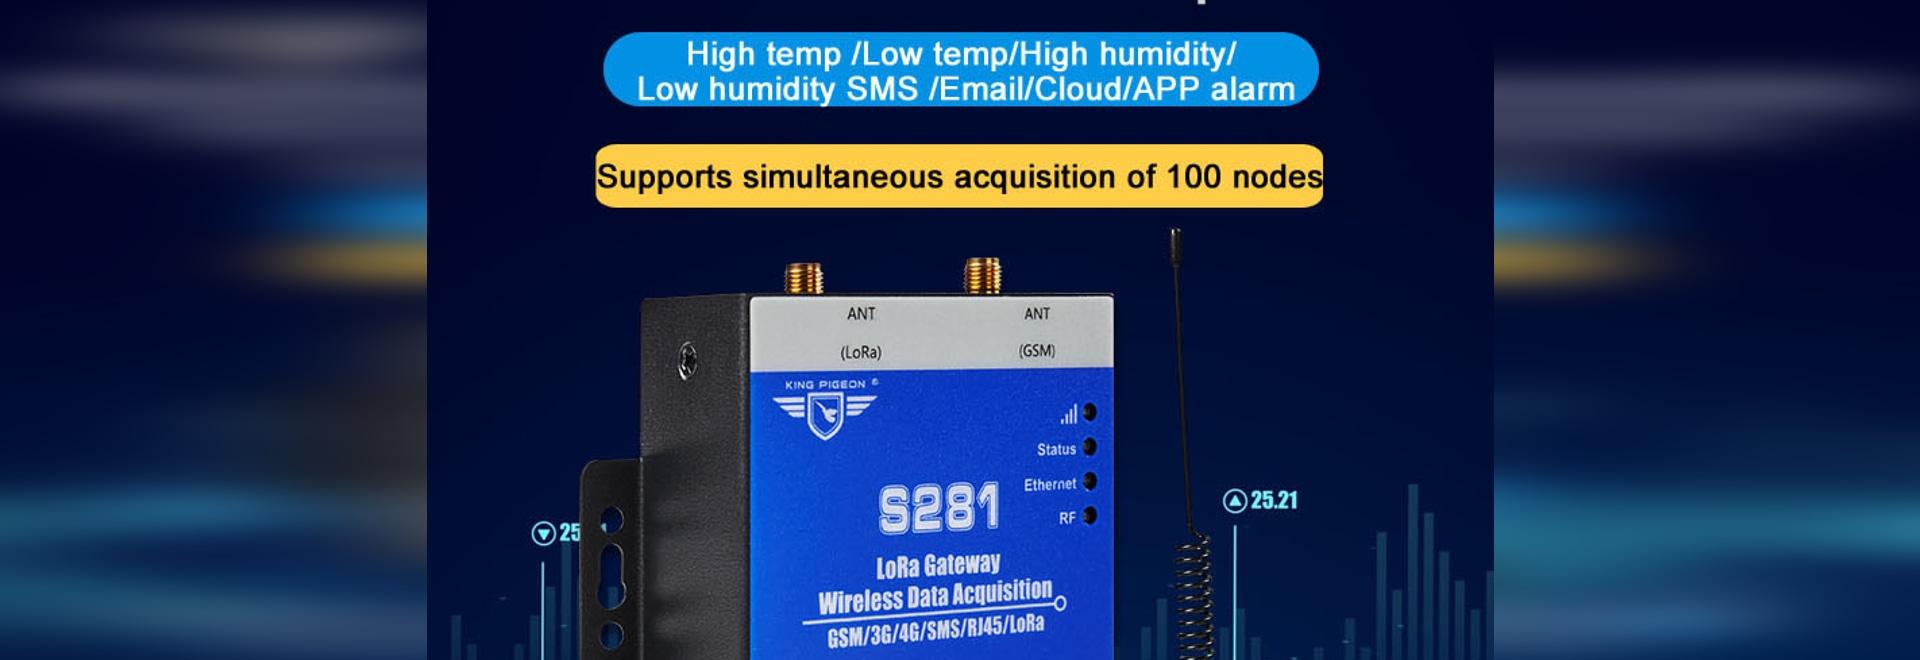 drahtloses Temperatur-/Feuchtigkeits-Fernüberwachungsalarmsystem